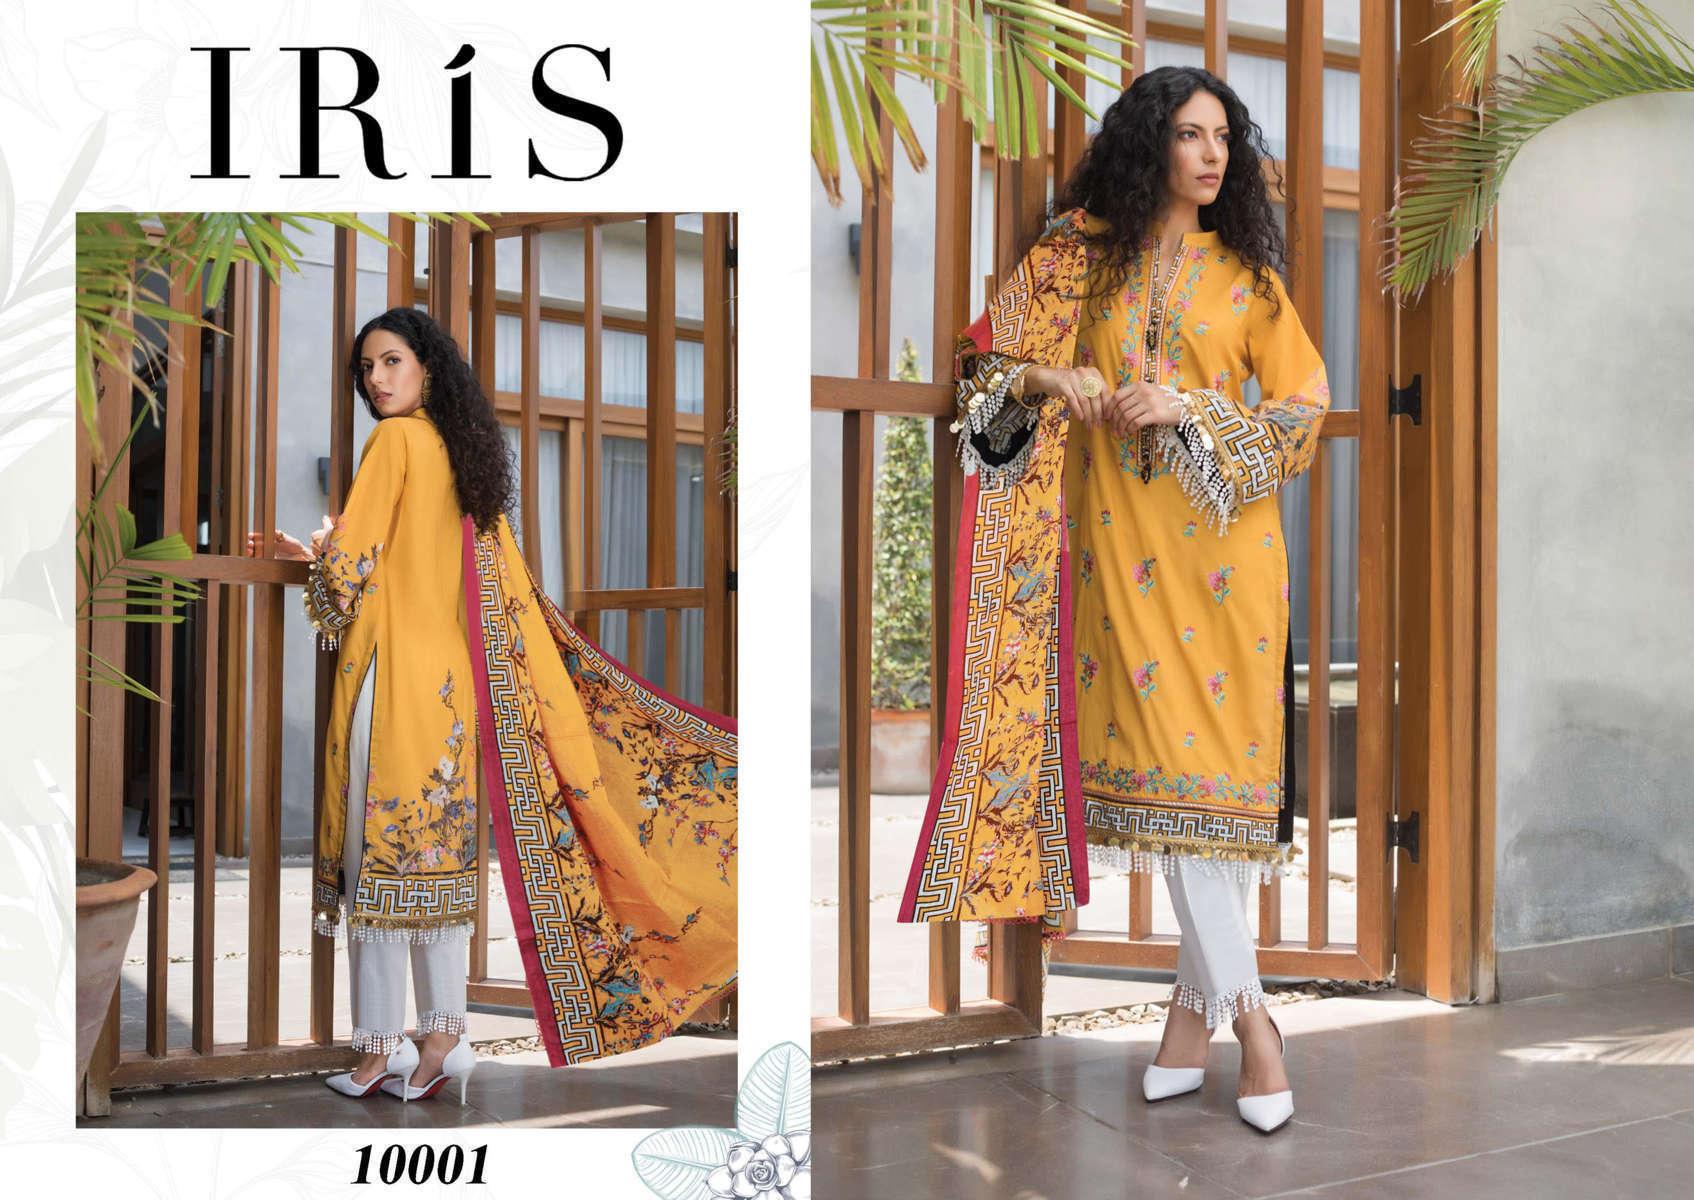 Iris Vol 10 Karachi Cotton Salwar Suit Wholesale Catalog 10 Pcs 3 - Iris Vol 10 Karachi Cotton Salwar Suit Wholesale Catalog 10 Pcs